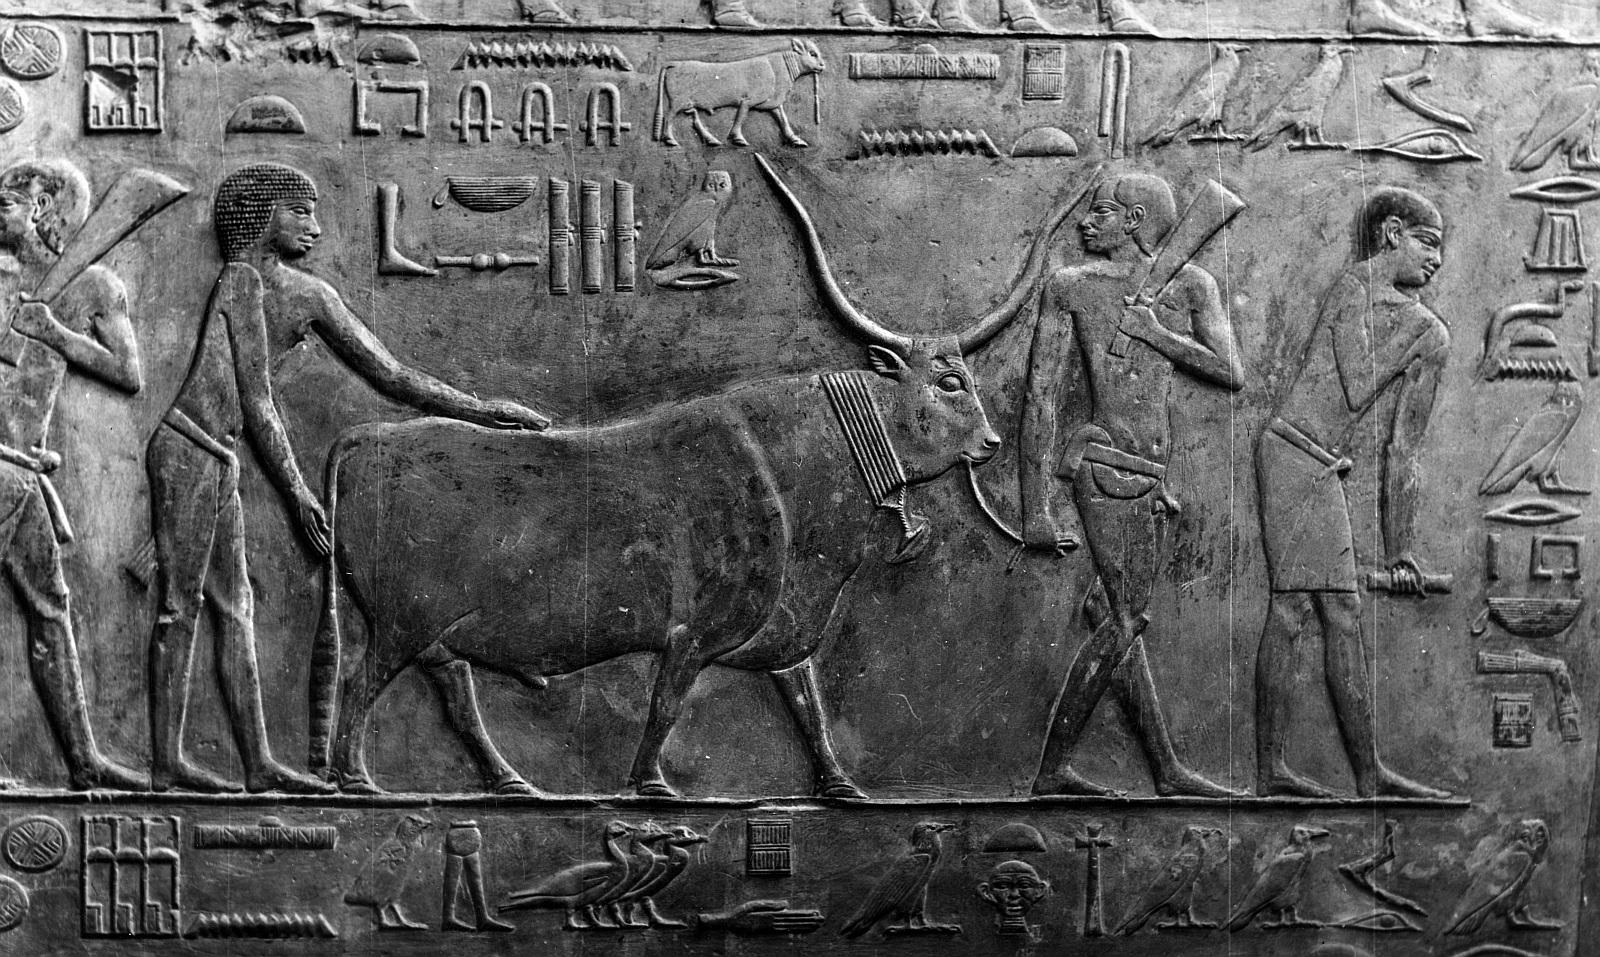 Саккара. Мастаба Птаххотепа. Рельеф с изображением крупного рогатого скота и птицы на восточной стене